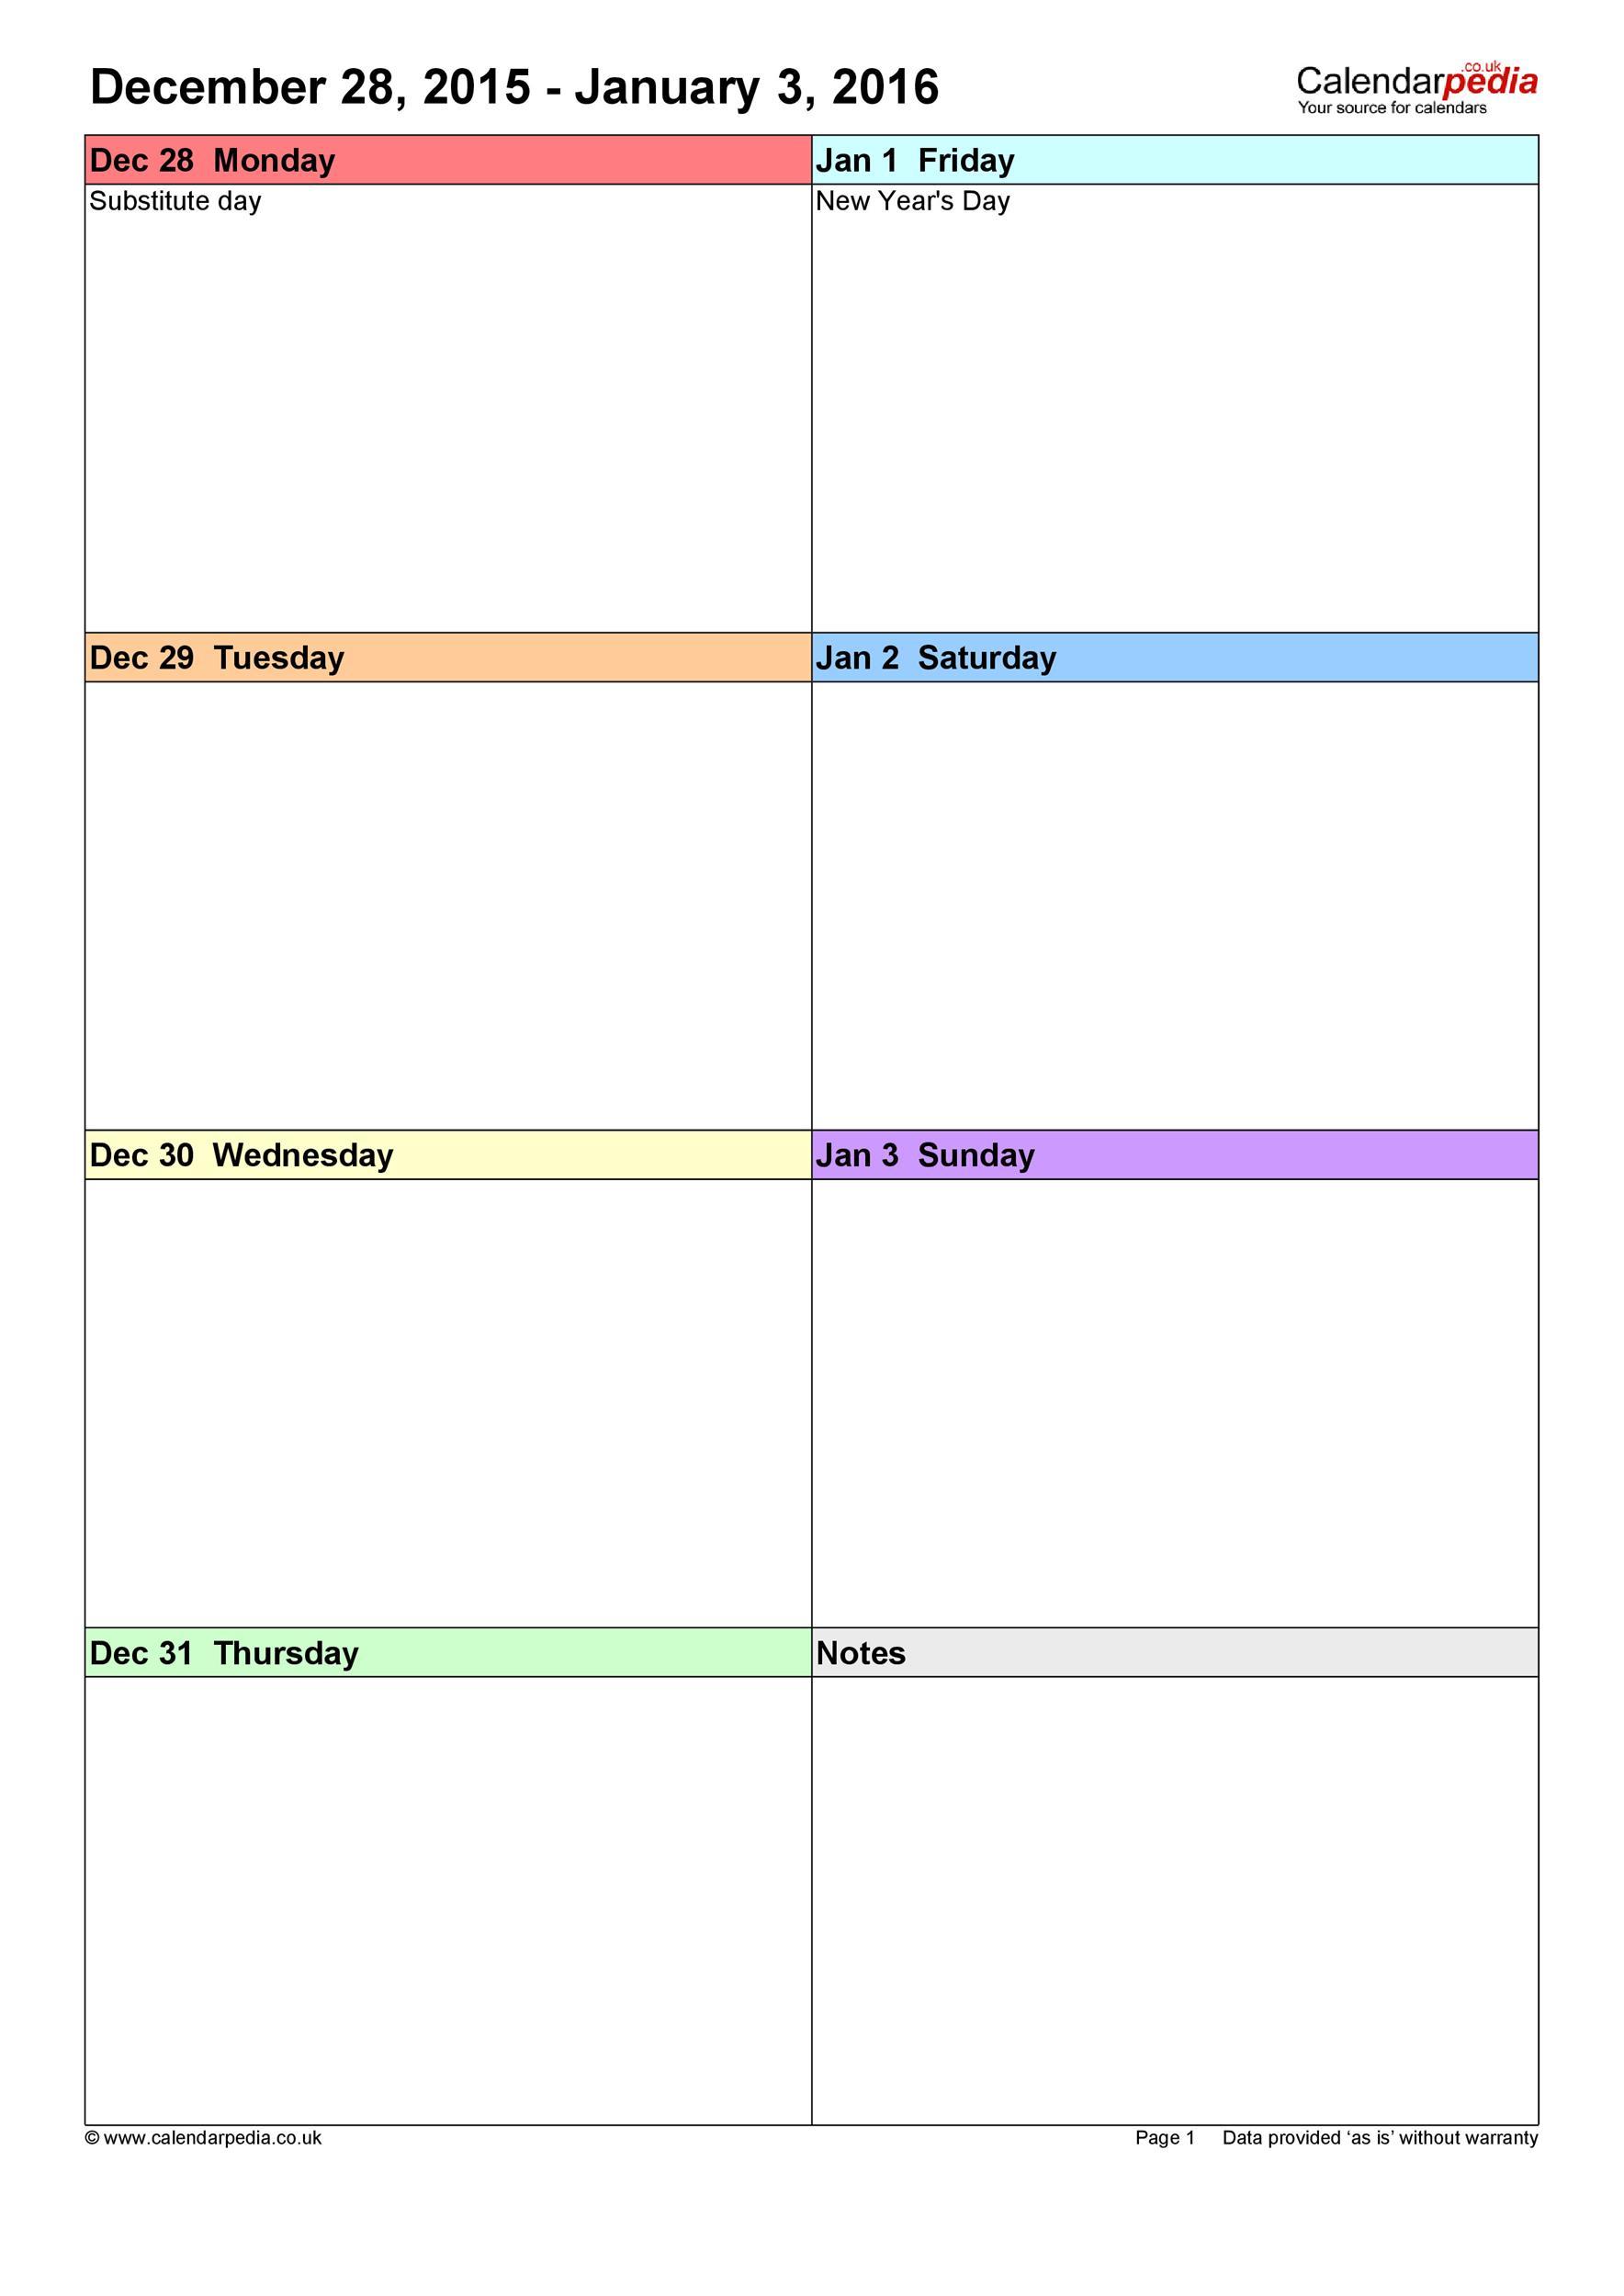 26 Blank Weekly Calendar Templates [Pdf, Excel, Word] ᐅ regarding 3 Week Blank Calendar